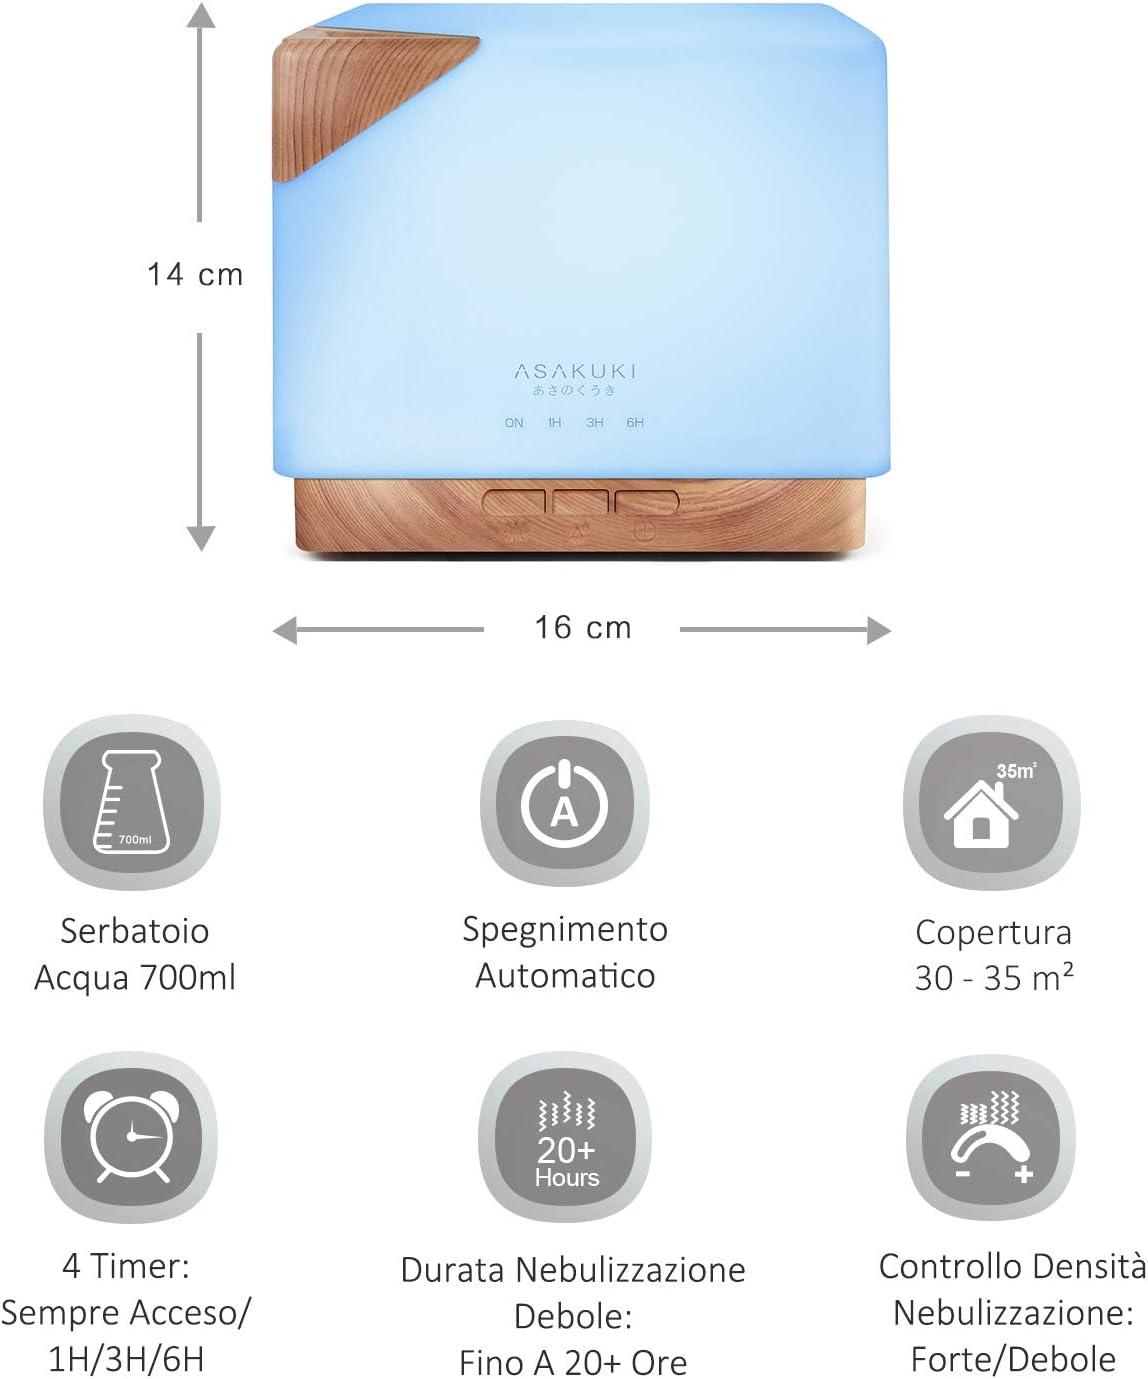 700ml HOME GRANDE SERIE 12 PZ LED Aroma Diffusore Olio essenziale Umidificatore Aria